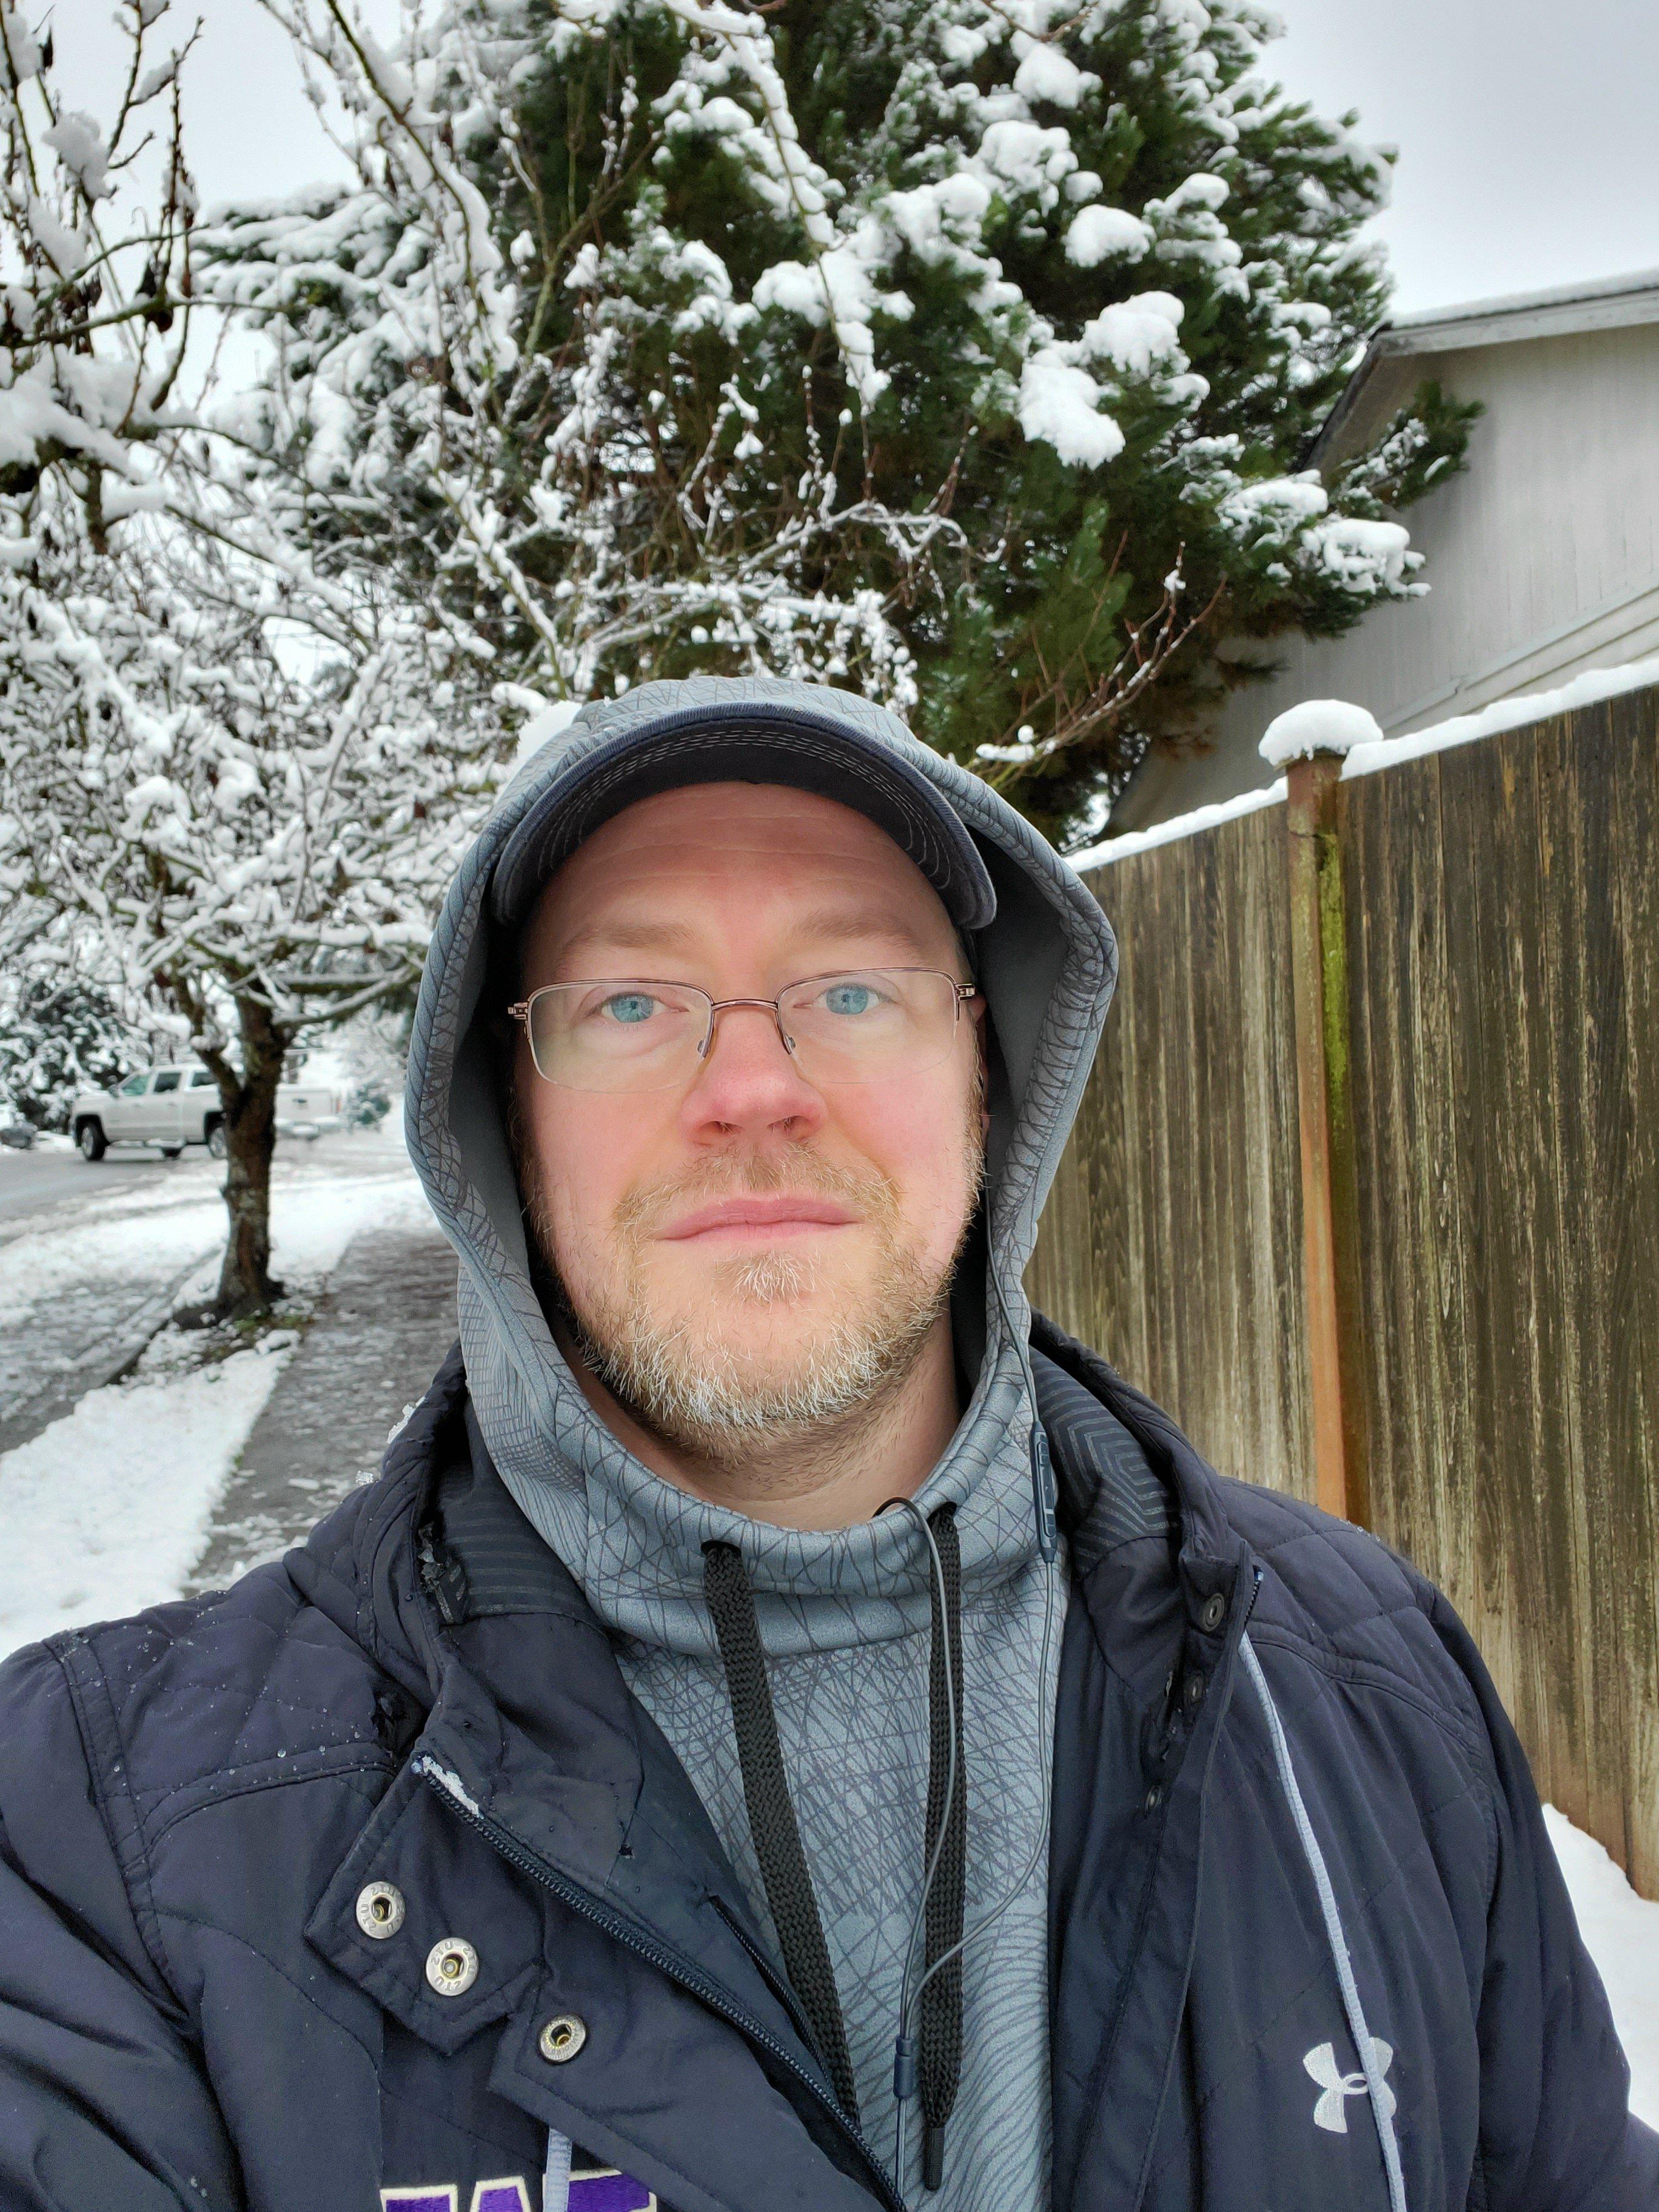 Brent t Member Profile